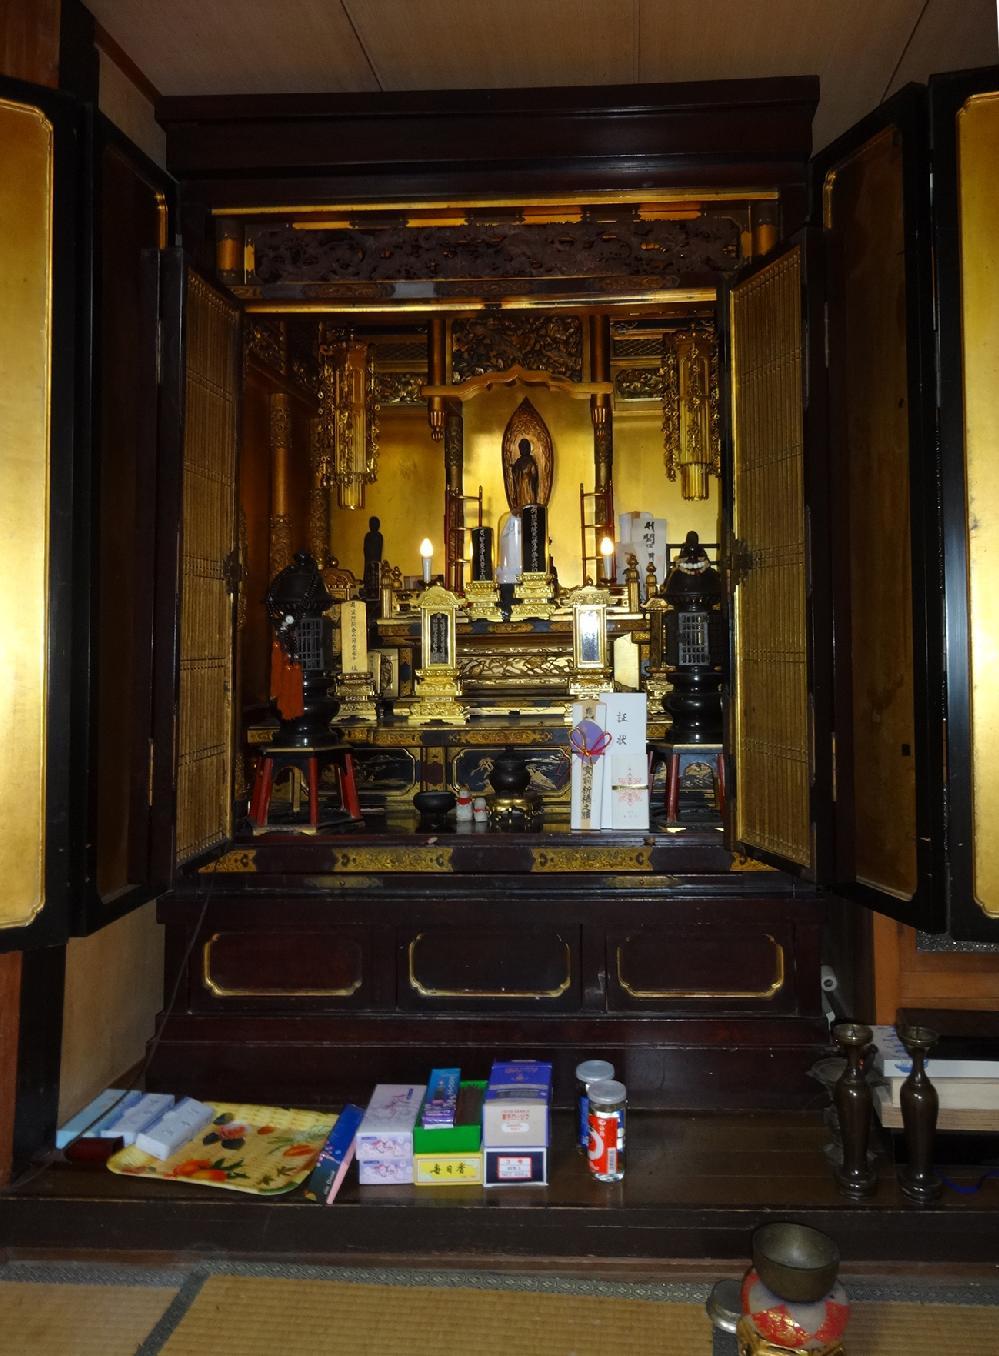 和泉市 N様 御修復前のお仏壇